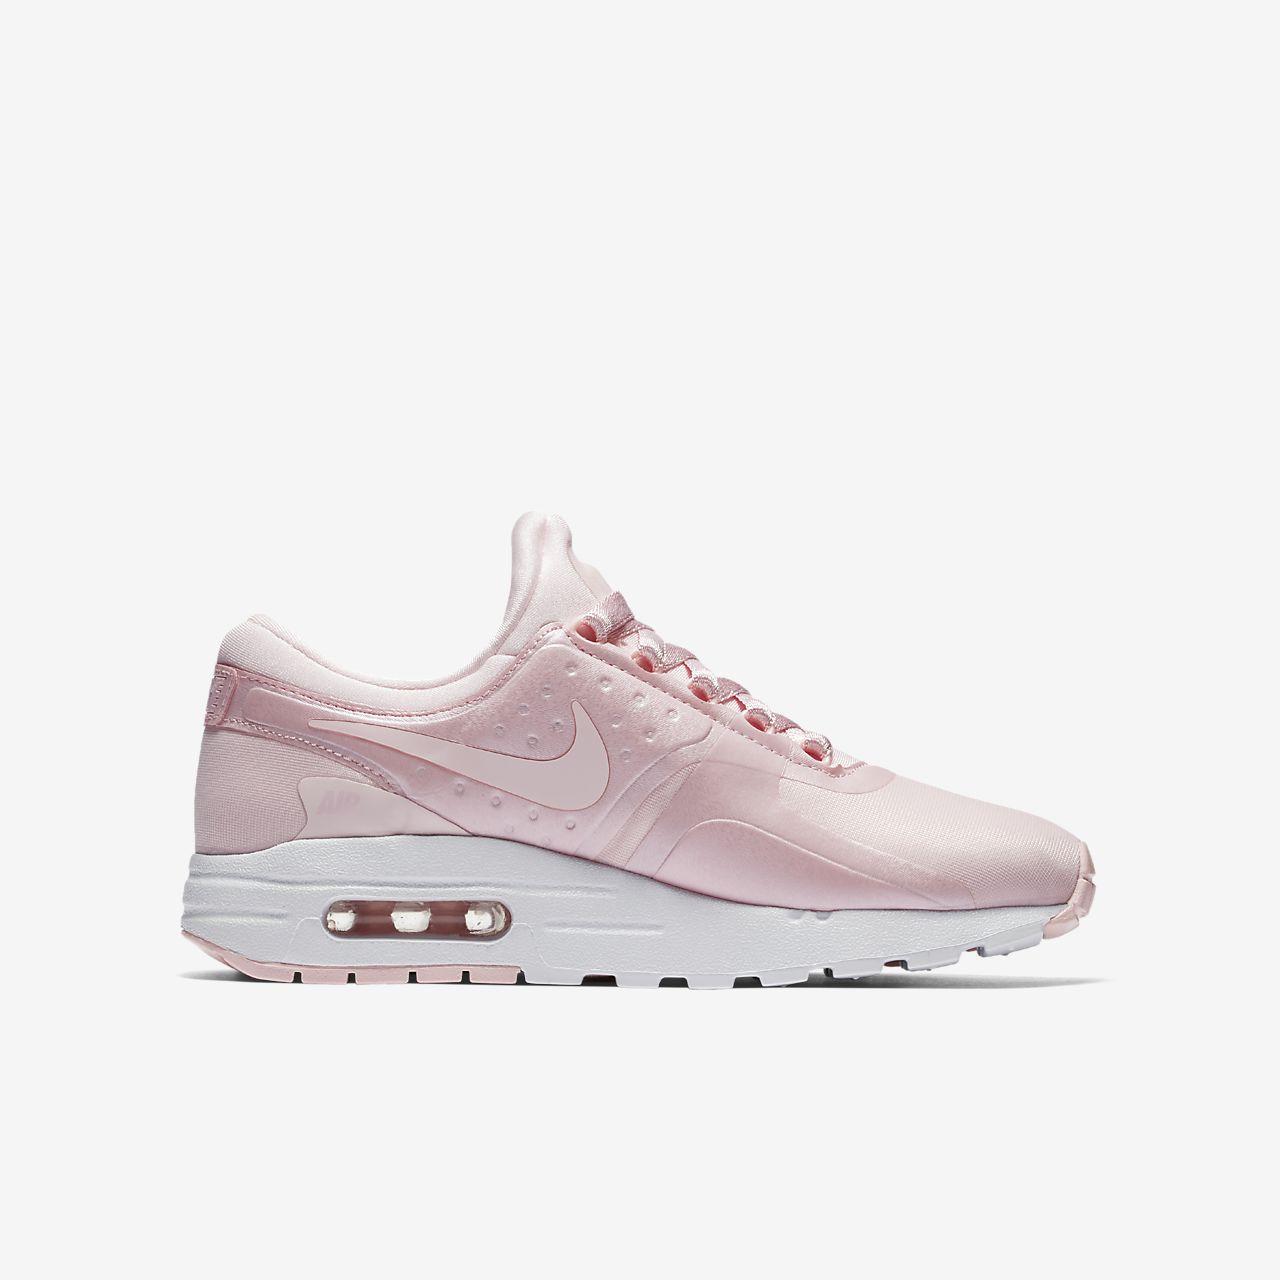 online retailer b5061 1836e ... Nike Air Max Zero SE Schuh für ältere Kinder .